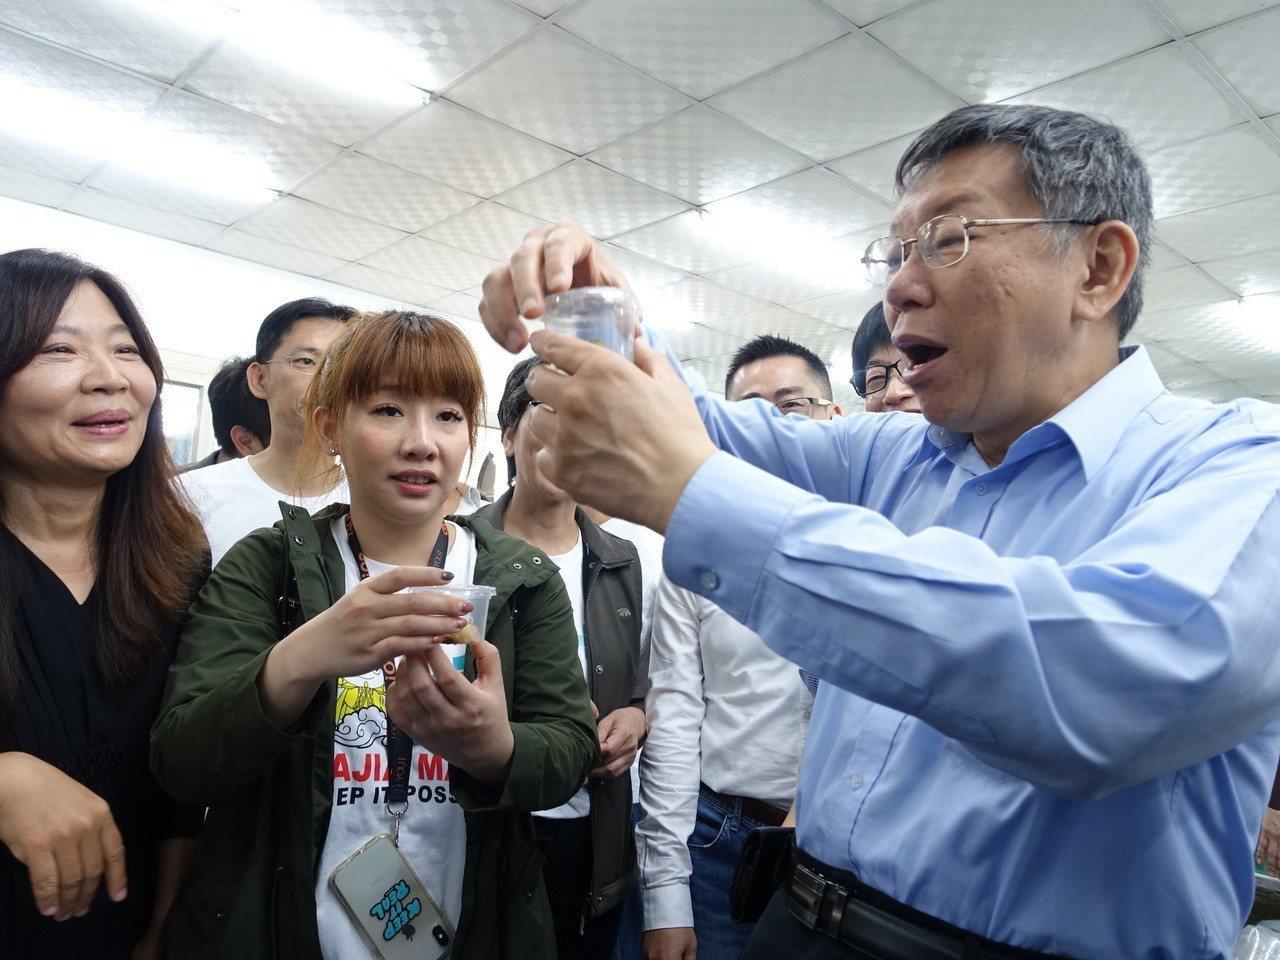 台北市長柯文哲對一隻青蛙也能高價賣到紐約去,覺得太驚奇。記者翁禎霞/攝影